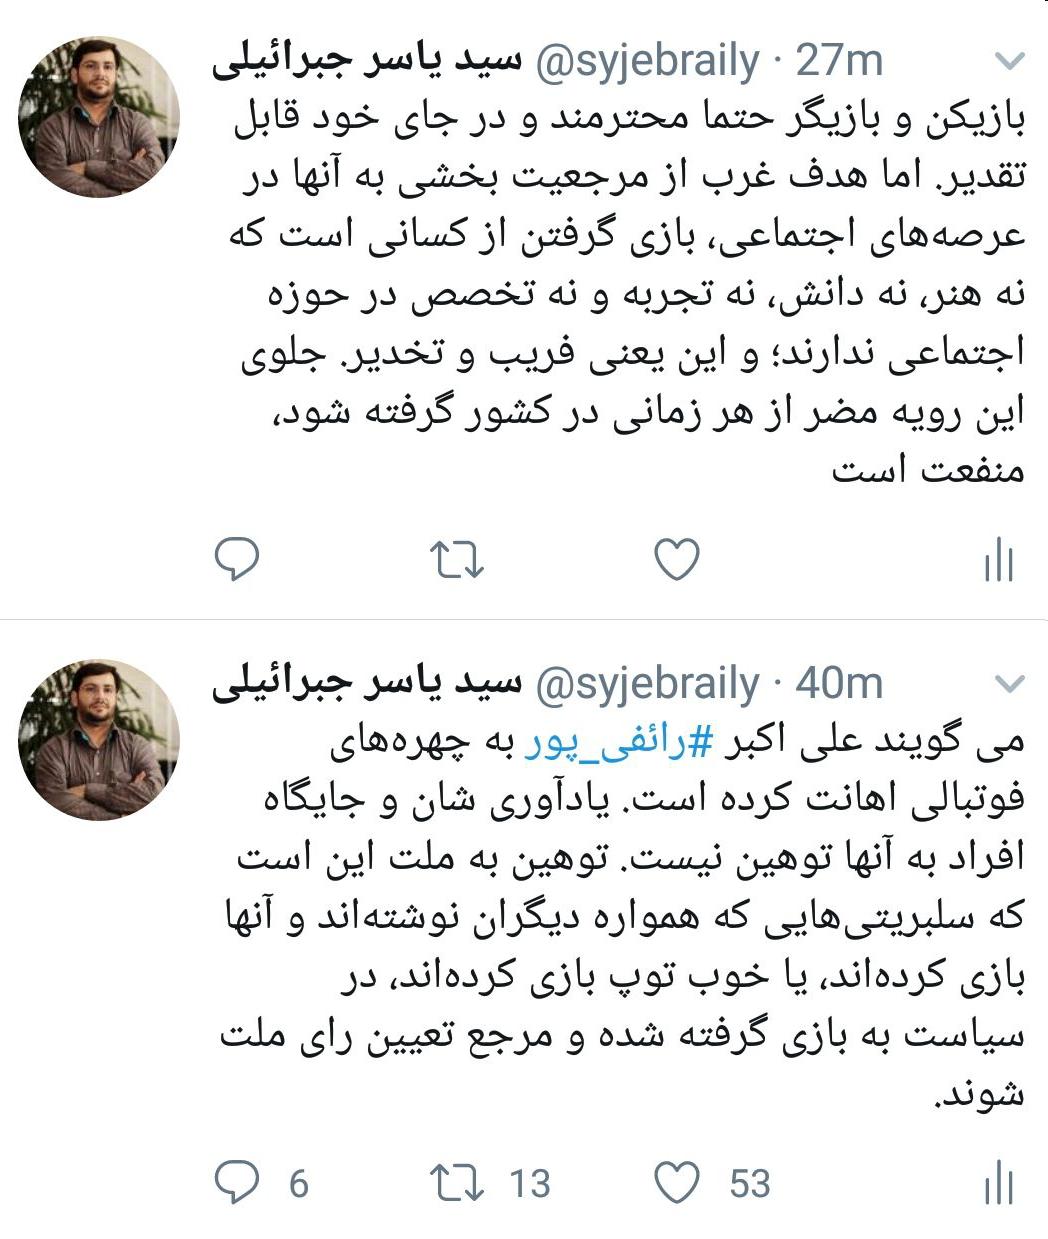 واکنش مردم سلبریتی های ایرانی سلبریتی بیسواد روشنفکرنمایان روشنفکرنما کیست دروغ سلبریتی ها جملات سنگین و تیکه دار اخبار بدون سانسور سیاسی